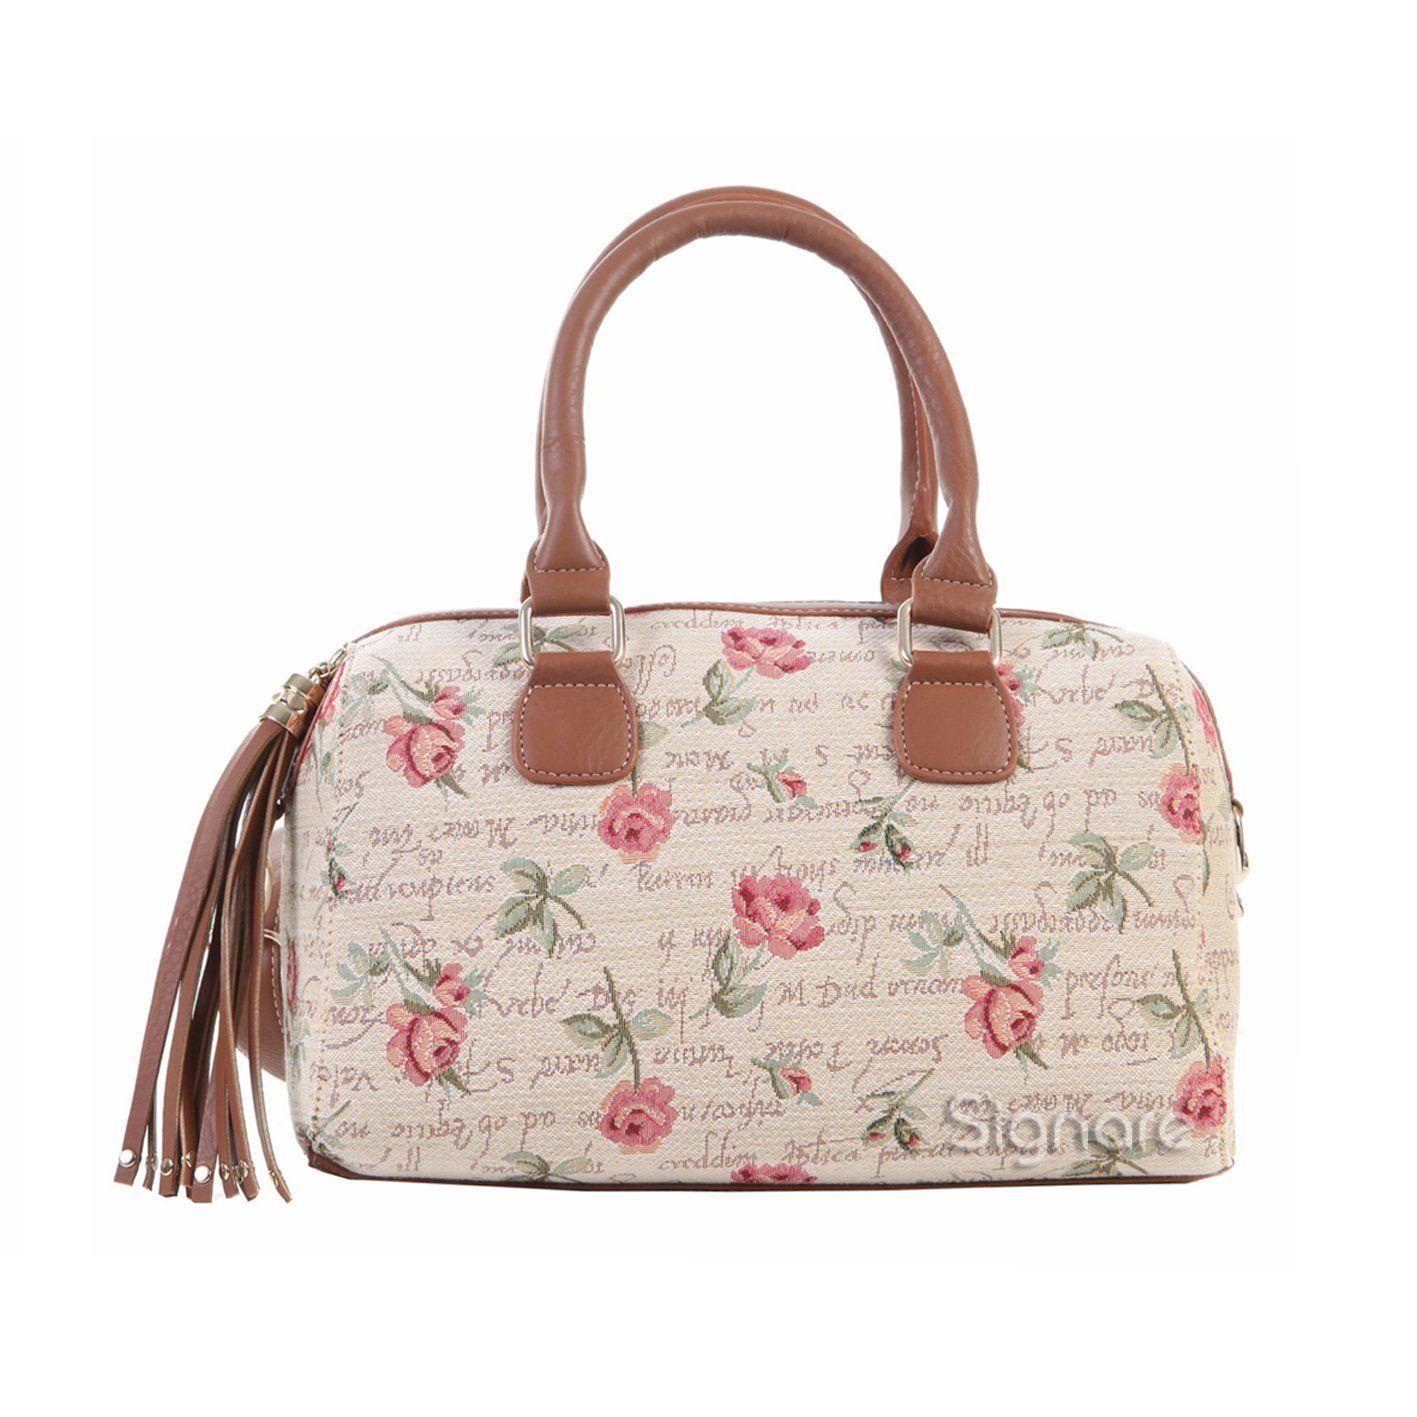 Borsa donna Signare alla moda a spalla in tessuto stile arazzo con nappa e maniglia superiore Rosa Rosa: Amazon.it: Valigeria